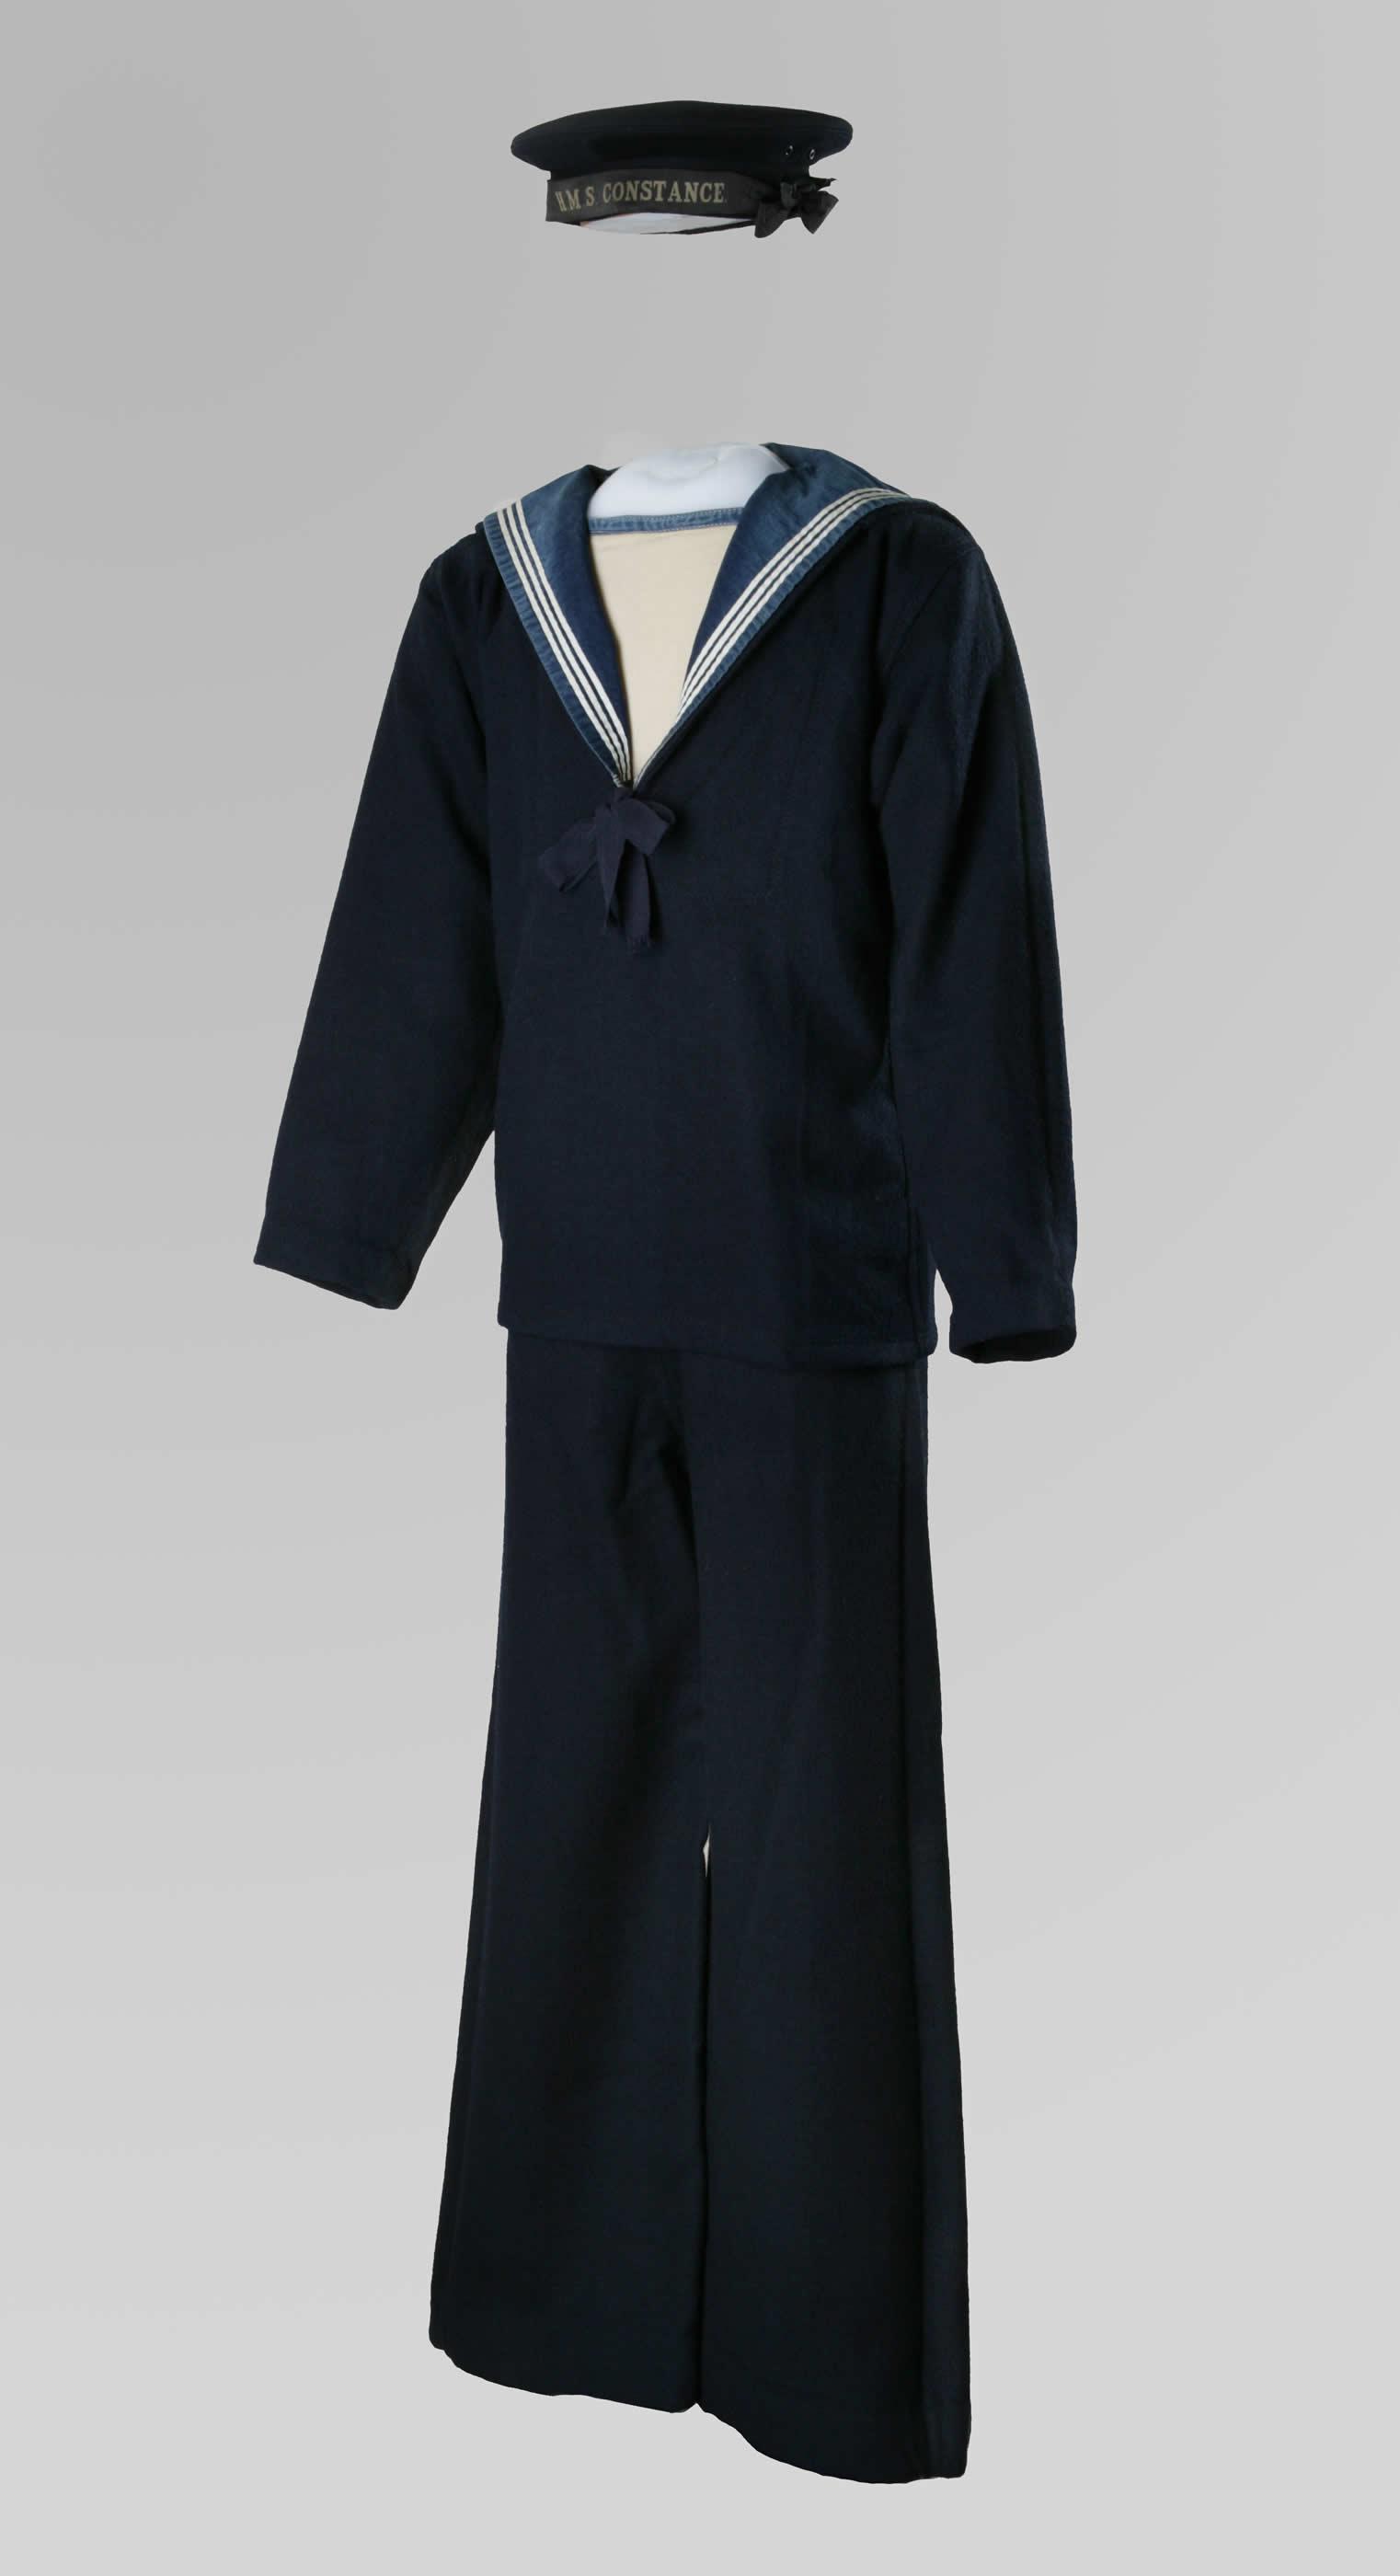 Boy Sailor Uniform